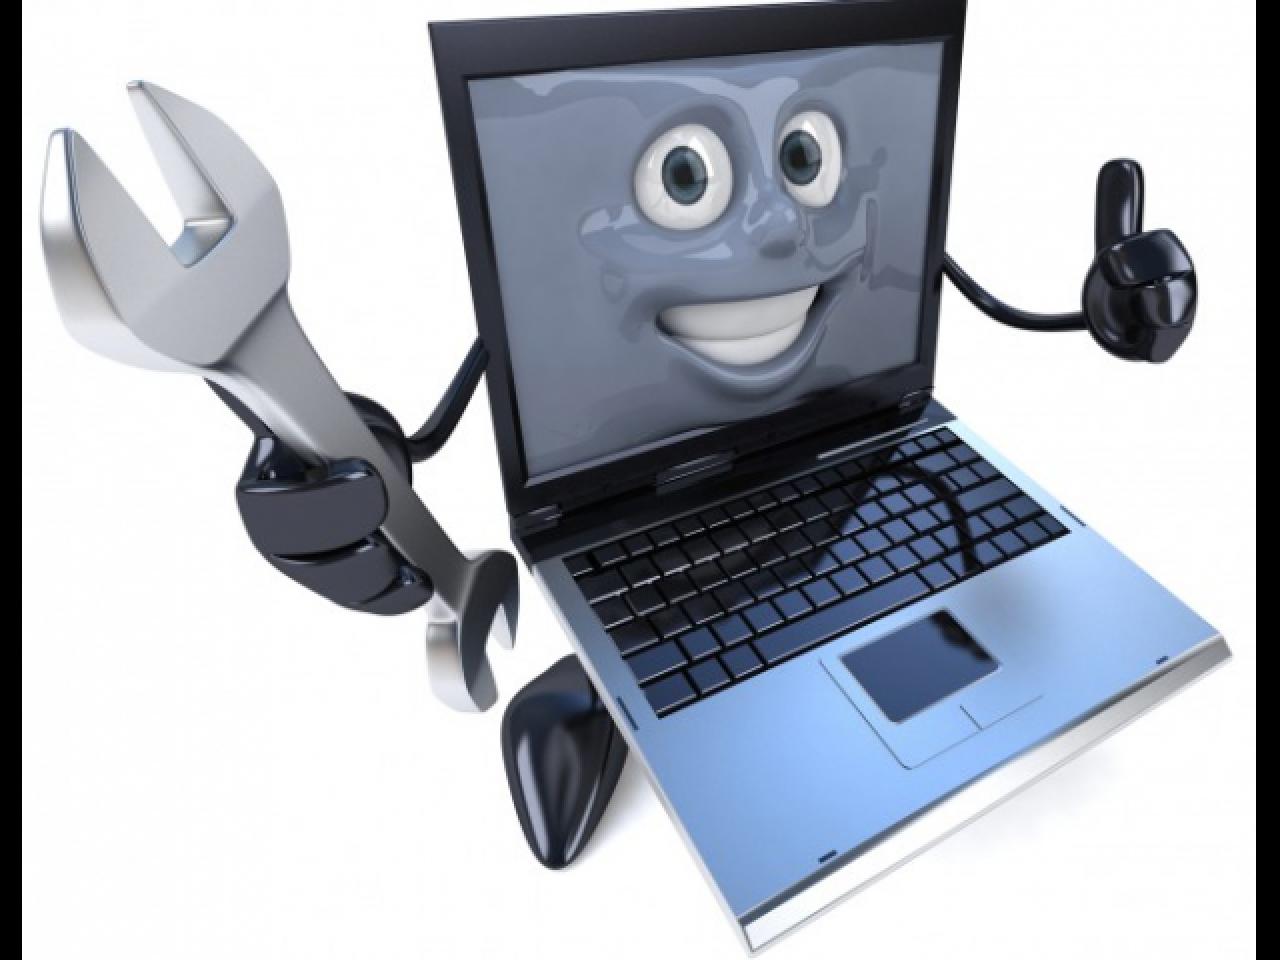 Ремонт и настройка компьютеров и ноутбуков,  ПРИЕЗЖАЮ - 1